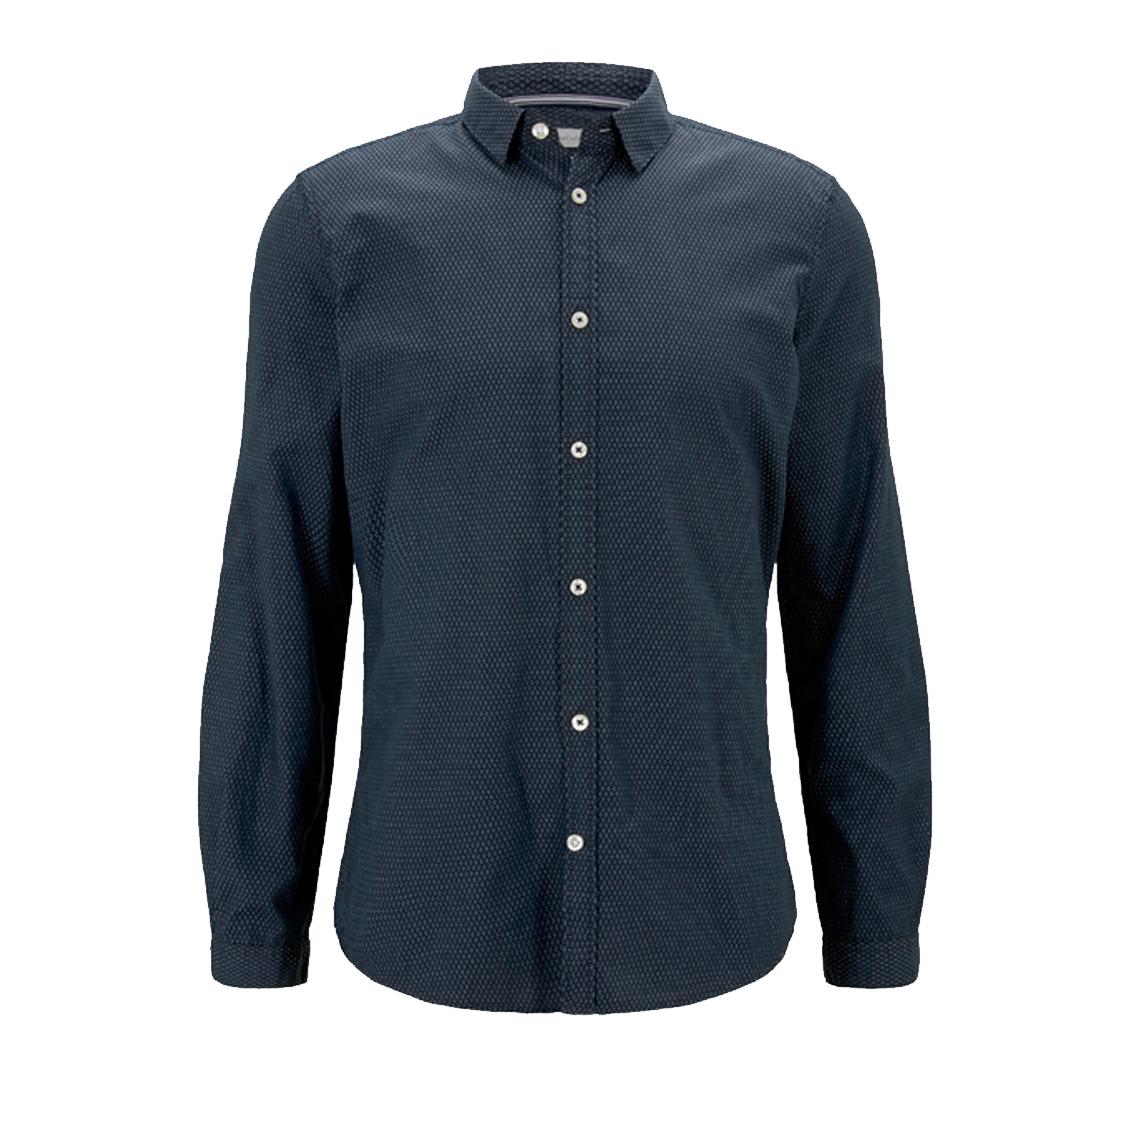 Chemise coupe ajustée  en coton bleu marine à micro motifs blancs